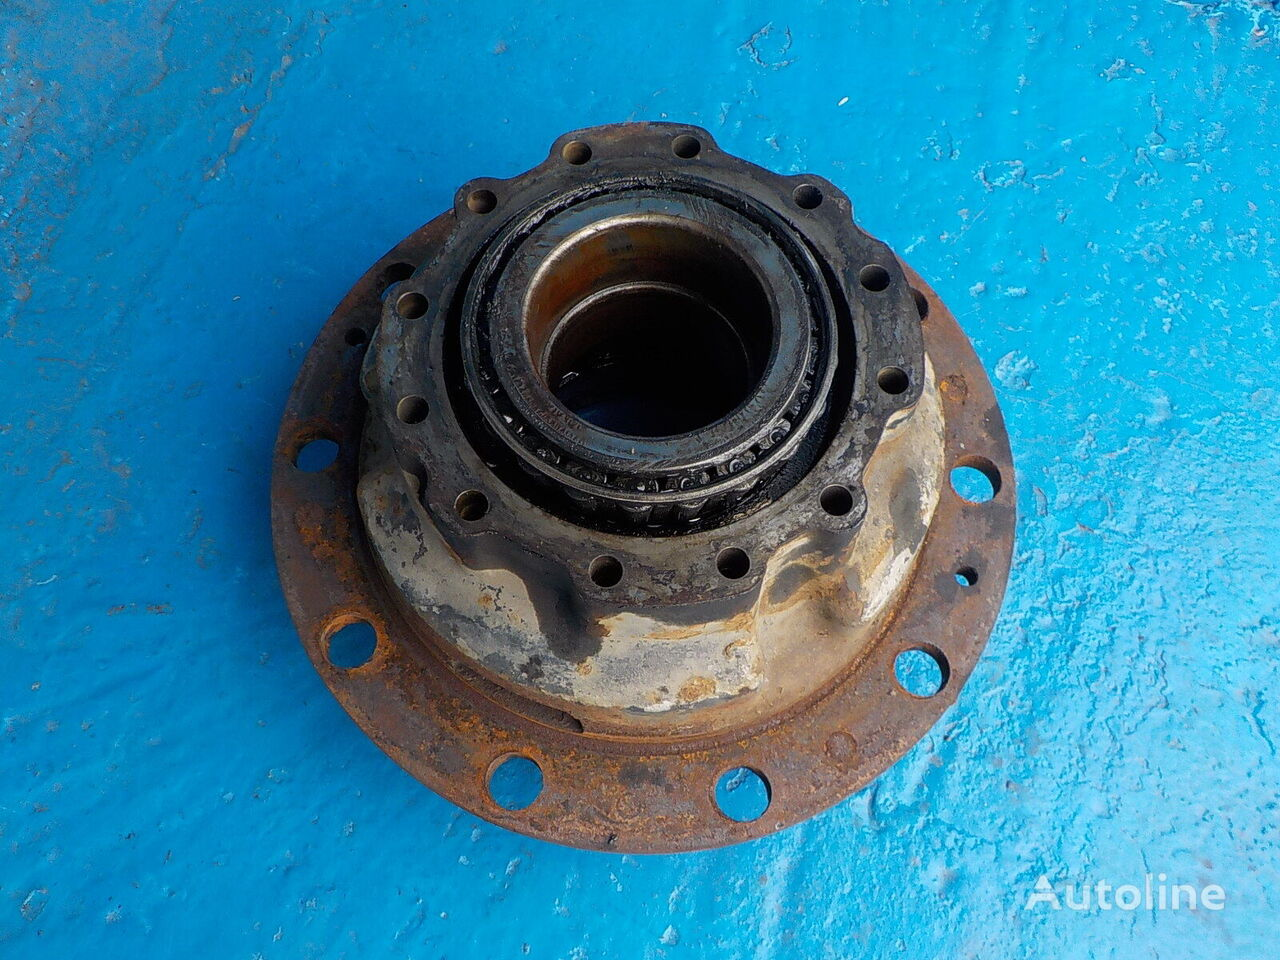 RENAULT (5010566070) buje de rueda para RENAULT tractora